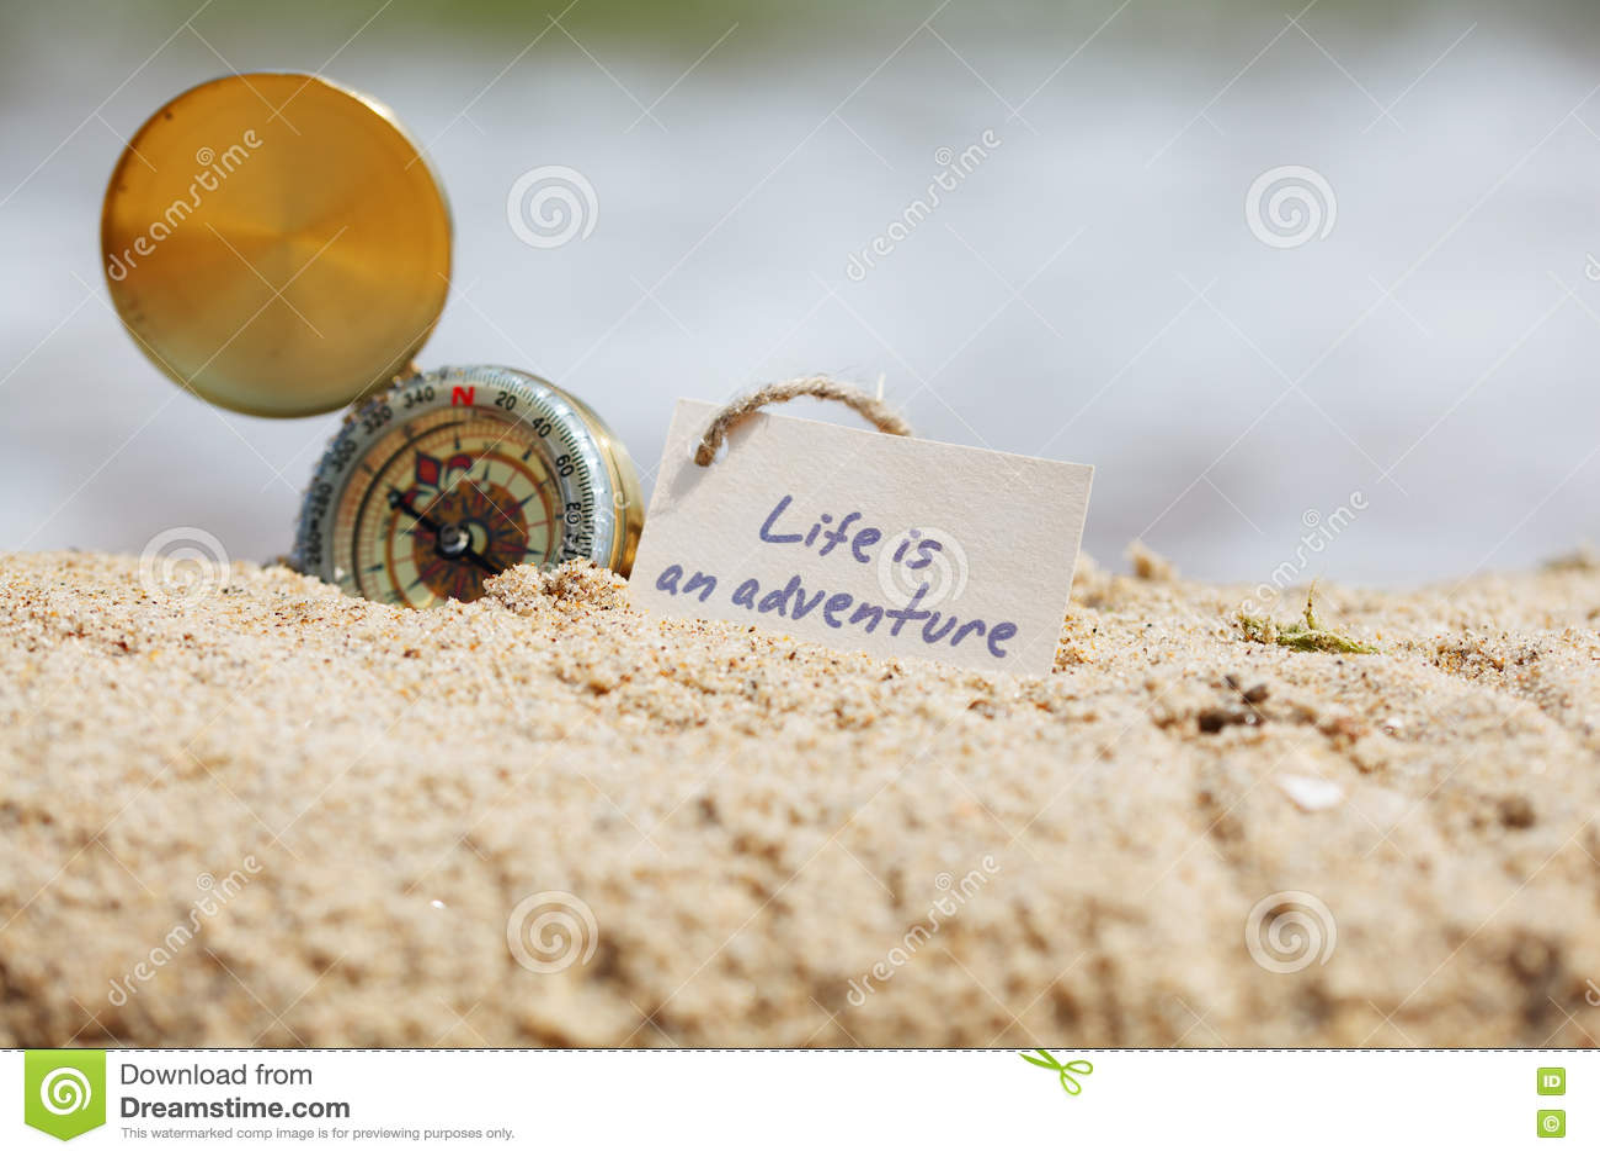 Kompas w piasku z wiadomością - życie jest przygodą